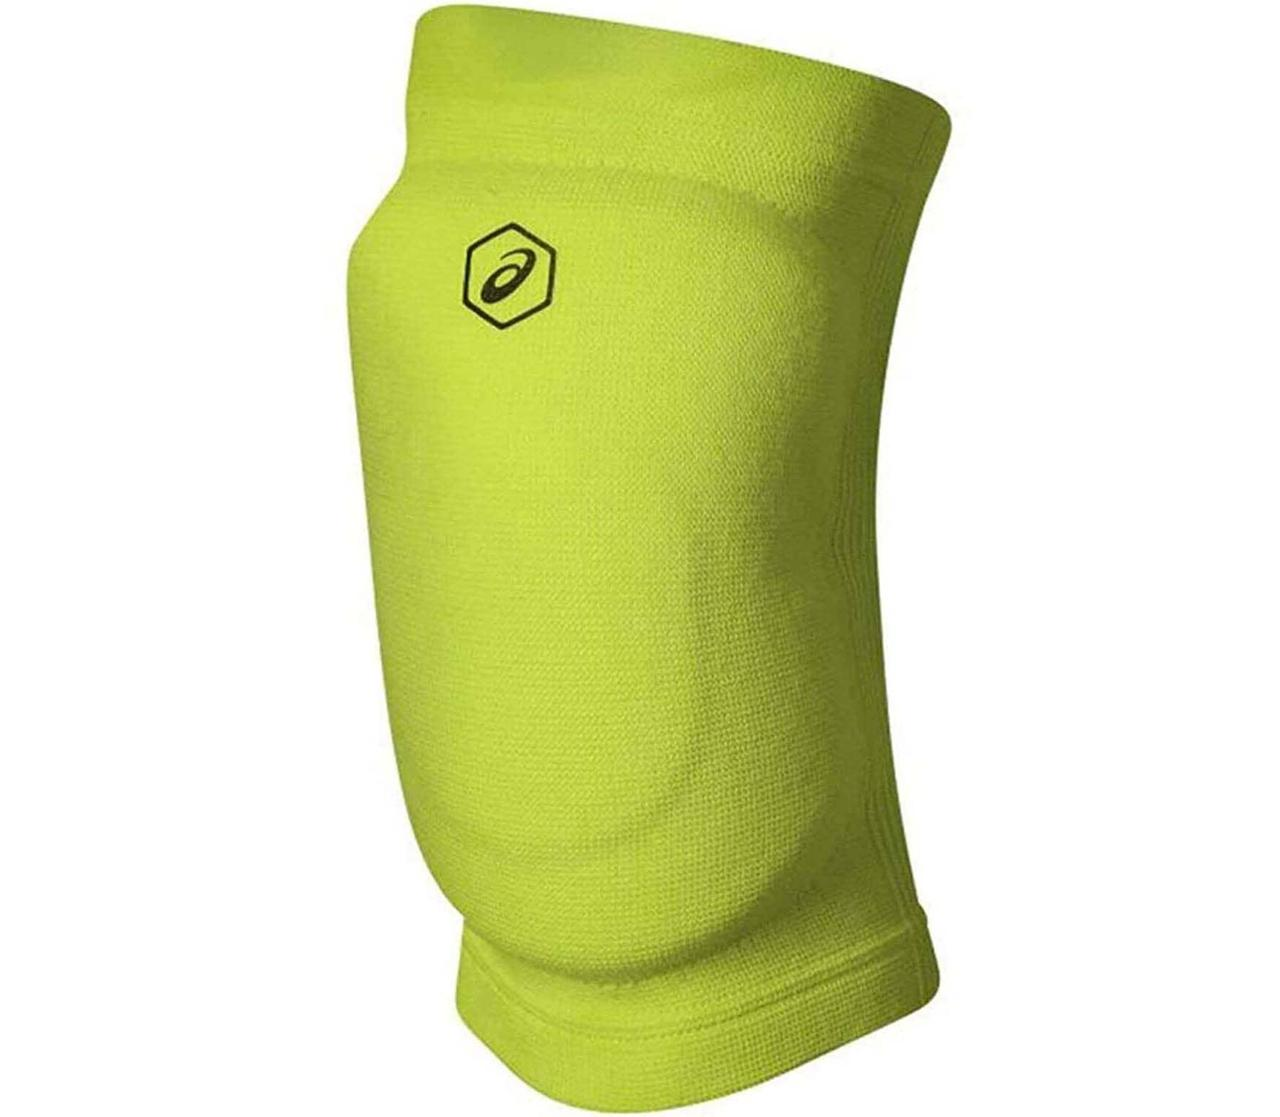 Волейбольные наколенники Asics Gel Kneepad 146815-0432 Лимонный Размер S